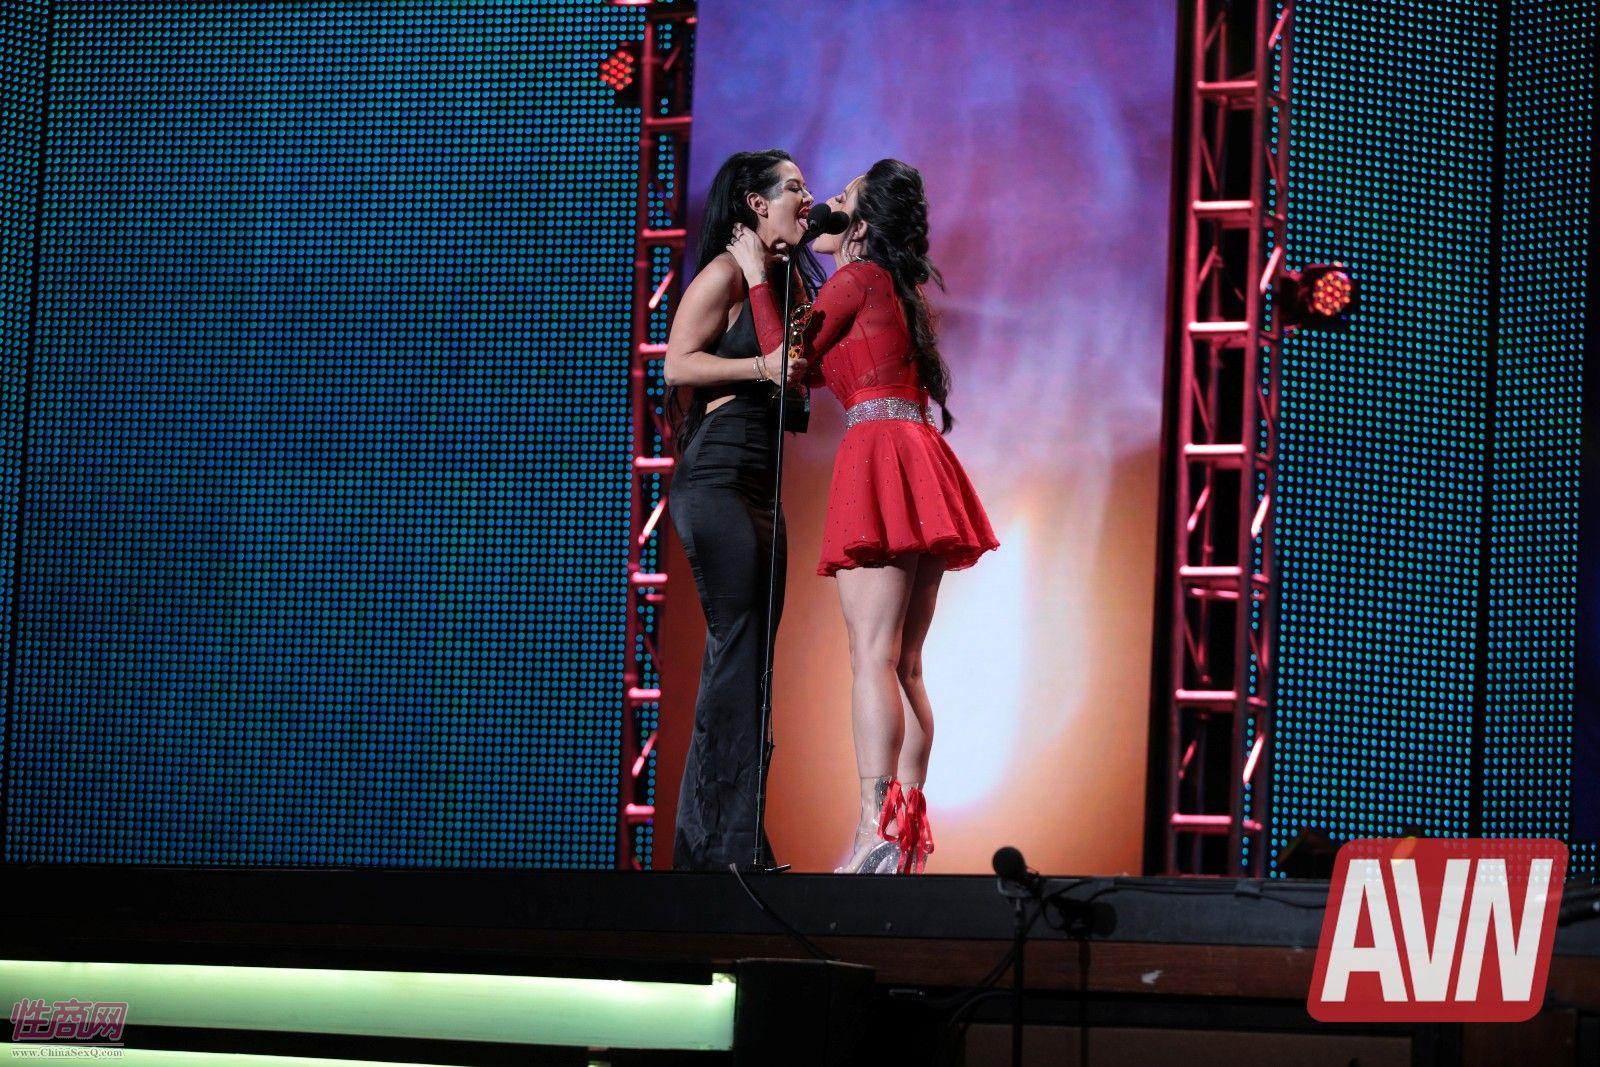 18拉斯维加斯成人展AVN:颁奖典礼 (21)